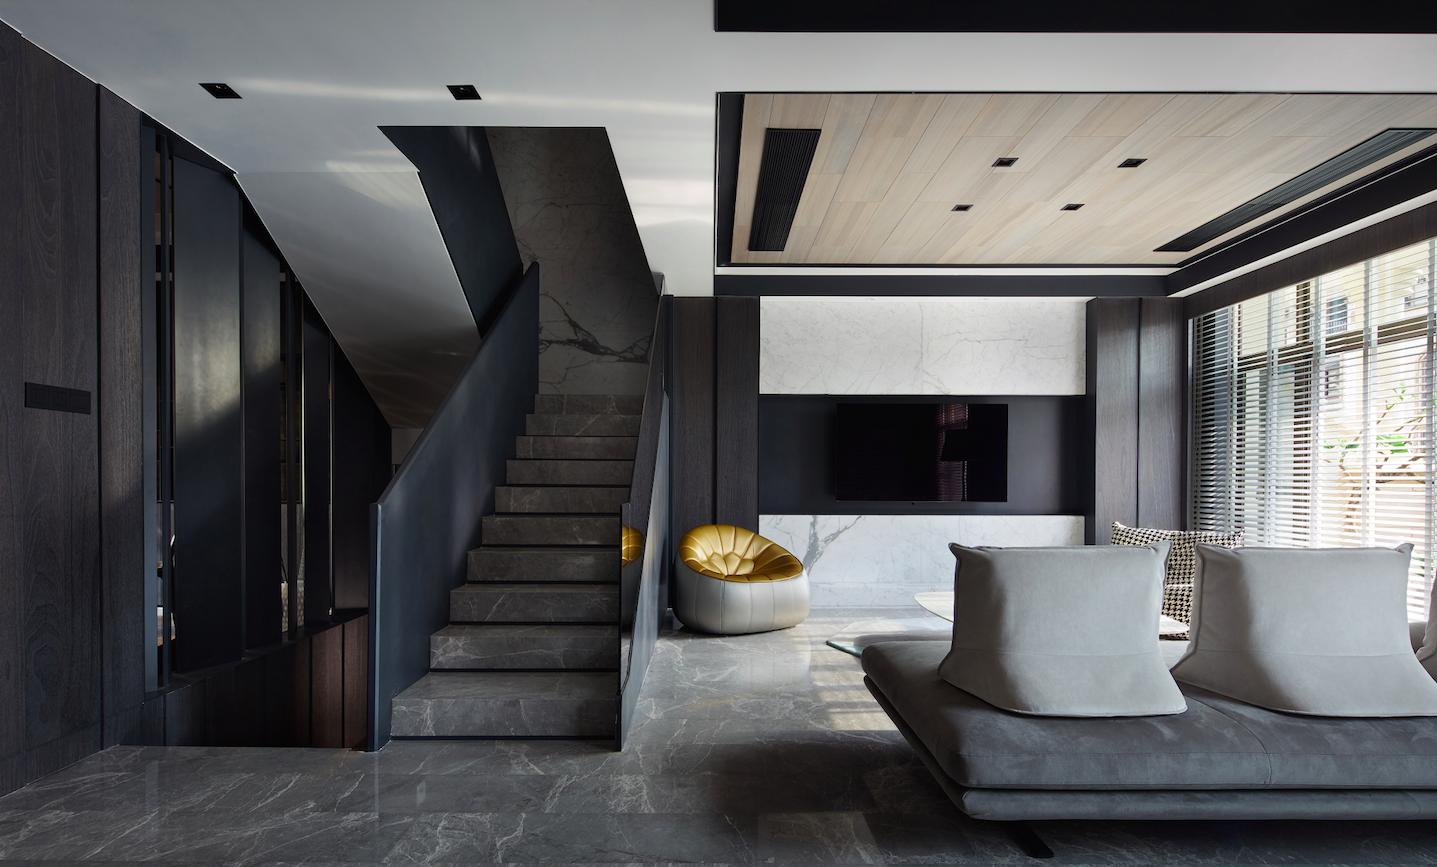 Go Dark Decadent Black Interior Ideas To Sex Up Your Home